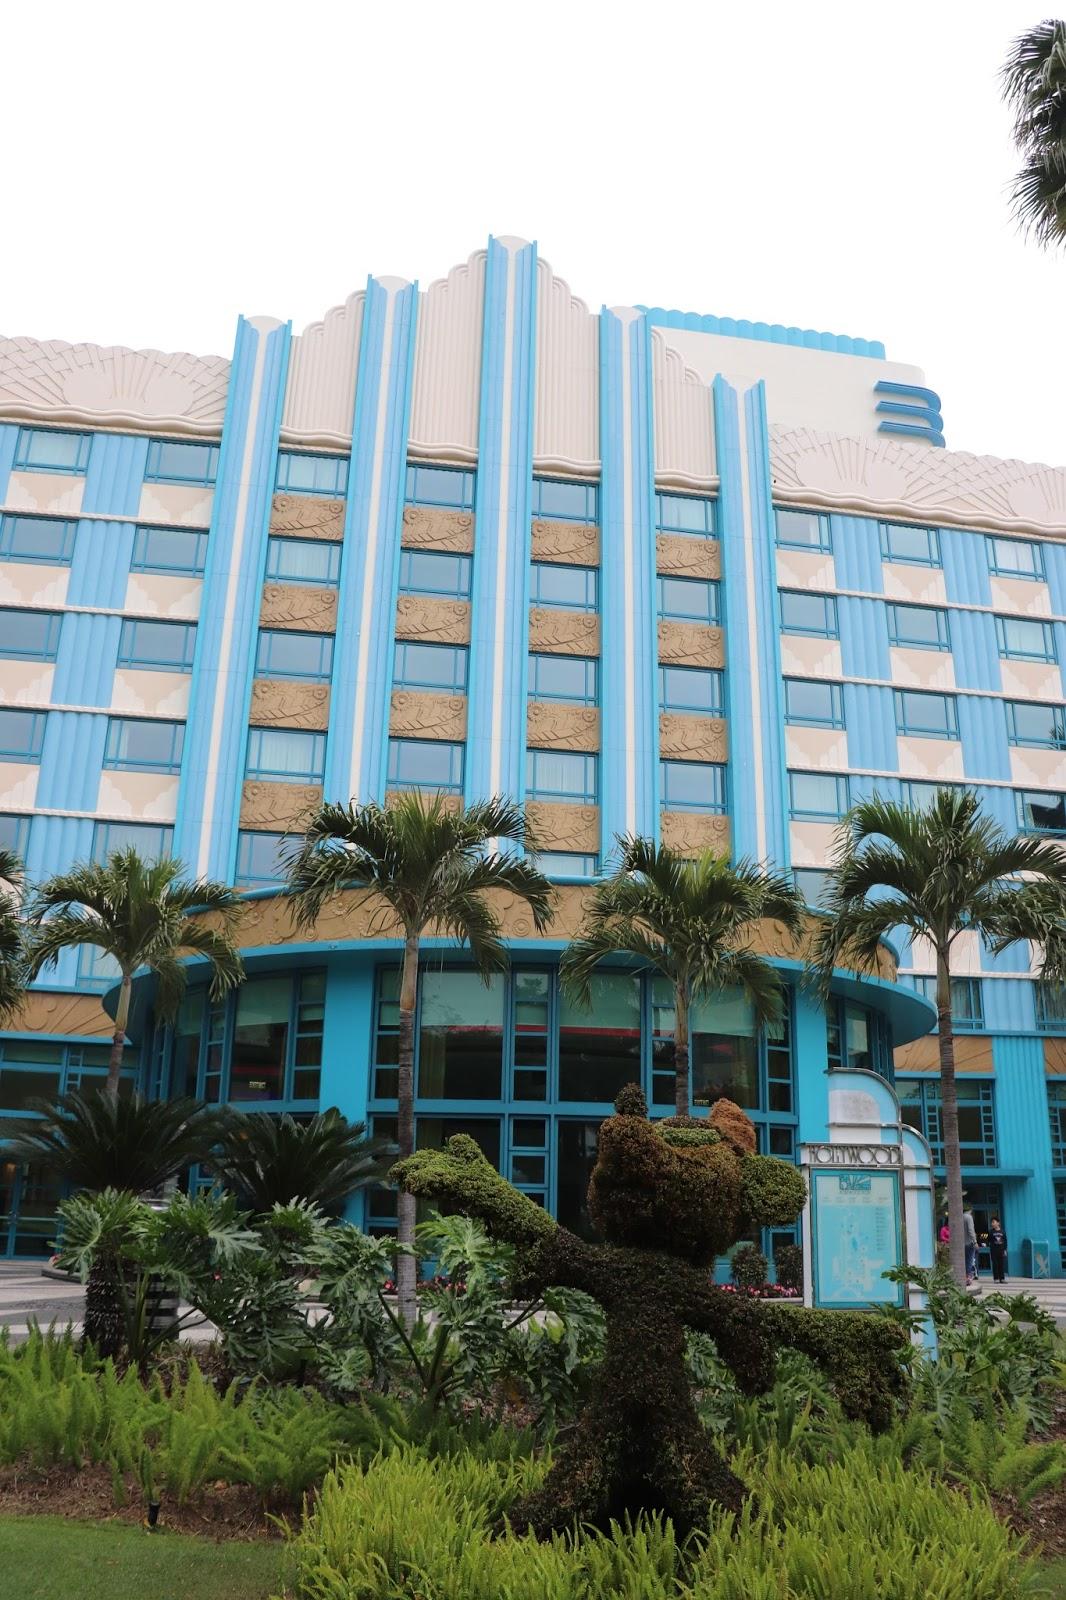 気まぐれ旅行記: 香港ディズニー ハリウッドホテル(お部屋編)